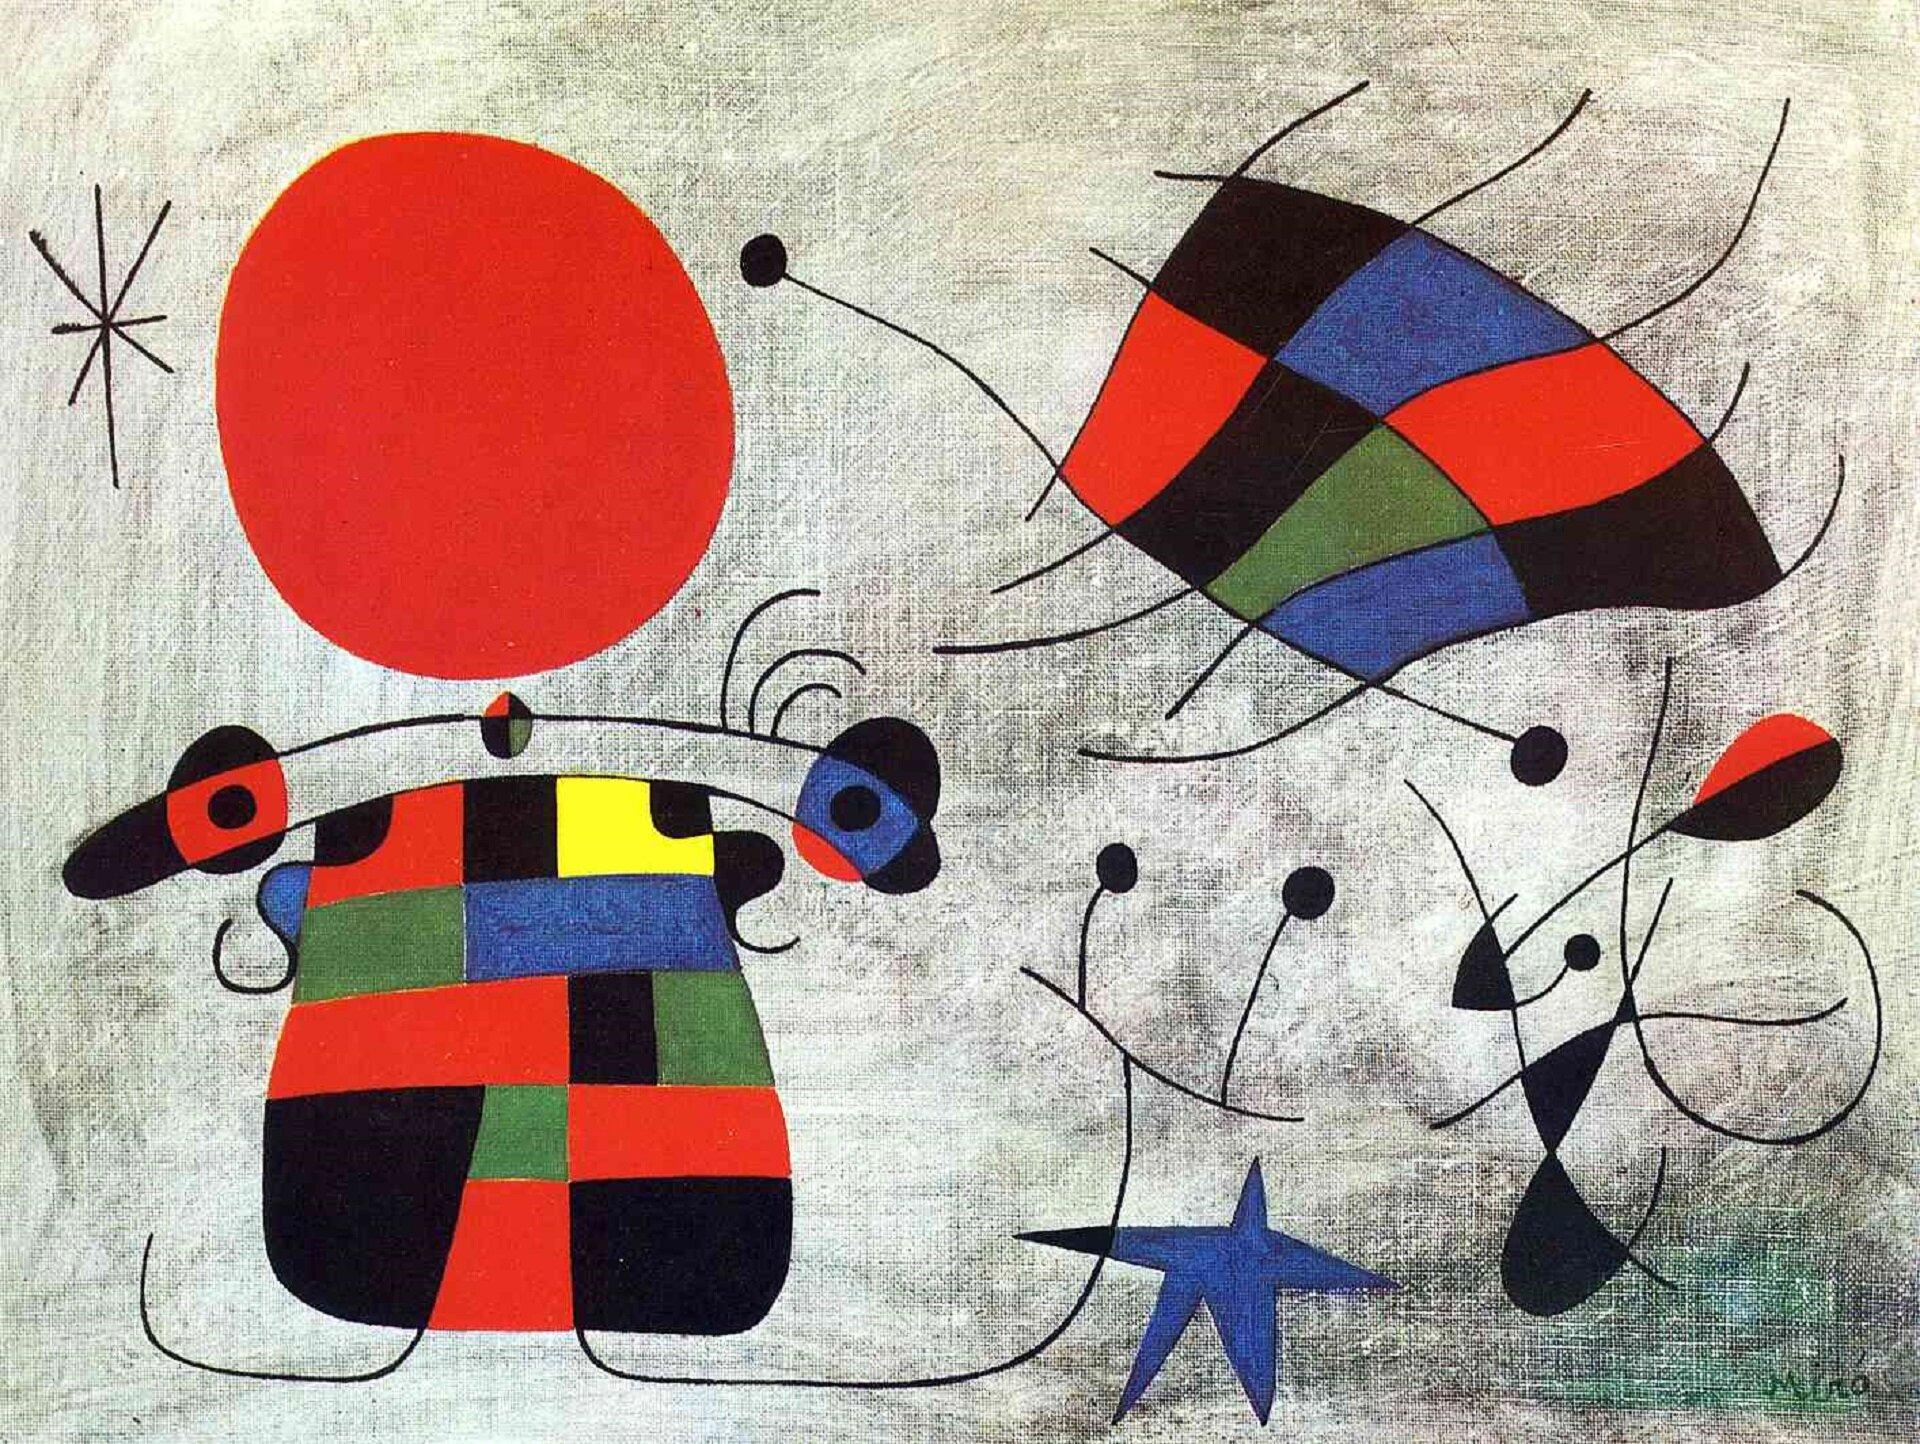 """Ilustracja przedstawia obraz Joana Miro """"Uśmiech ekstrawaganckich skrzydeł"""". Jest to abstrakcja. Malarz zastosował czarny kontur, który wypełnił płaskimi plamami barwnymi. Ukazuje surrealistyczną postać ptaka, siedzącego wjakimś krajobrazie ipółksiężyca wpostaci niebieskiego kształtu. Udołu znajduje się spadająca gwiazda."""